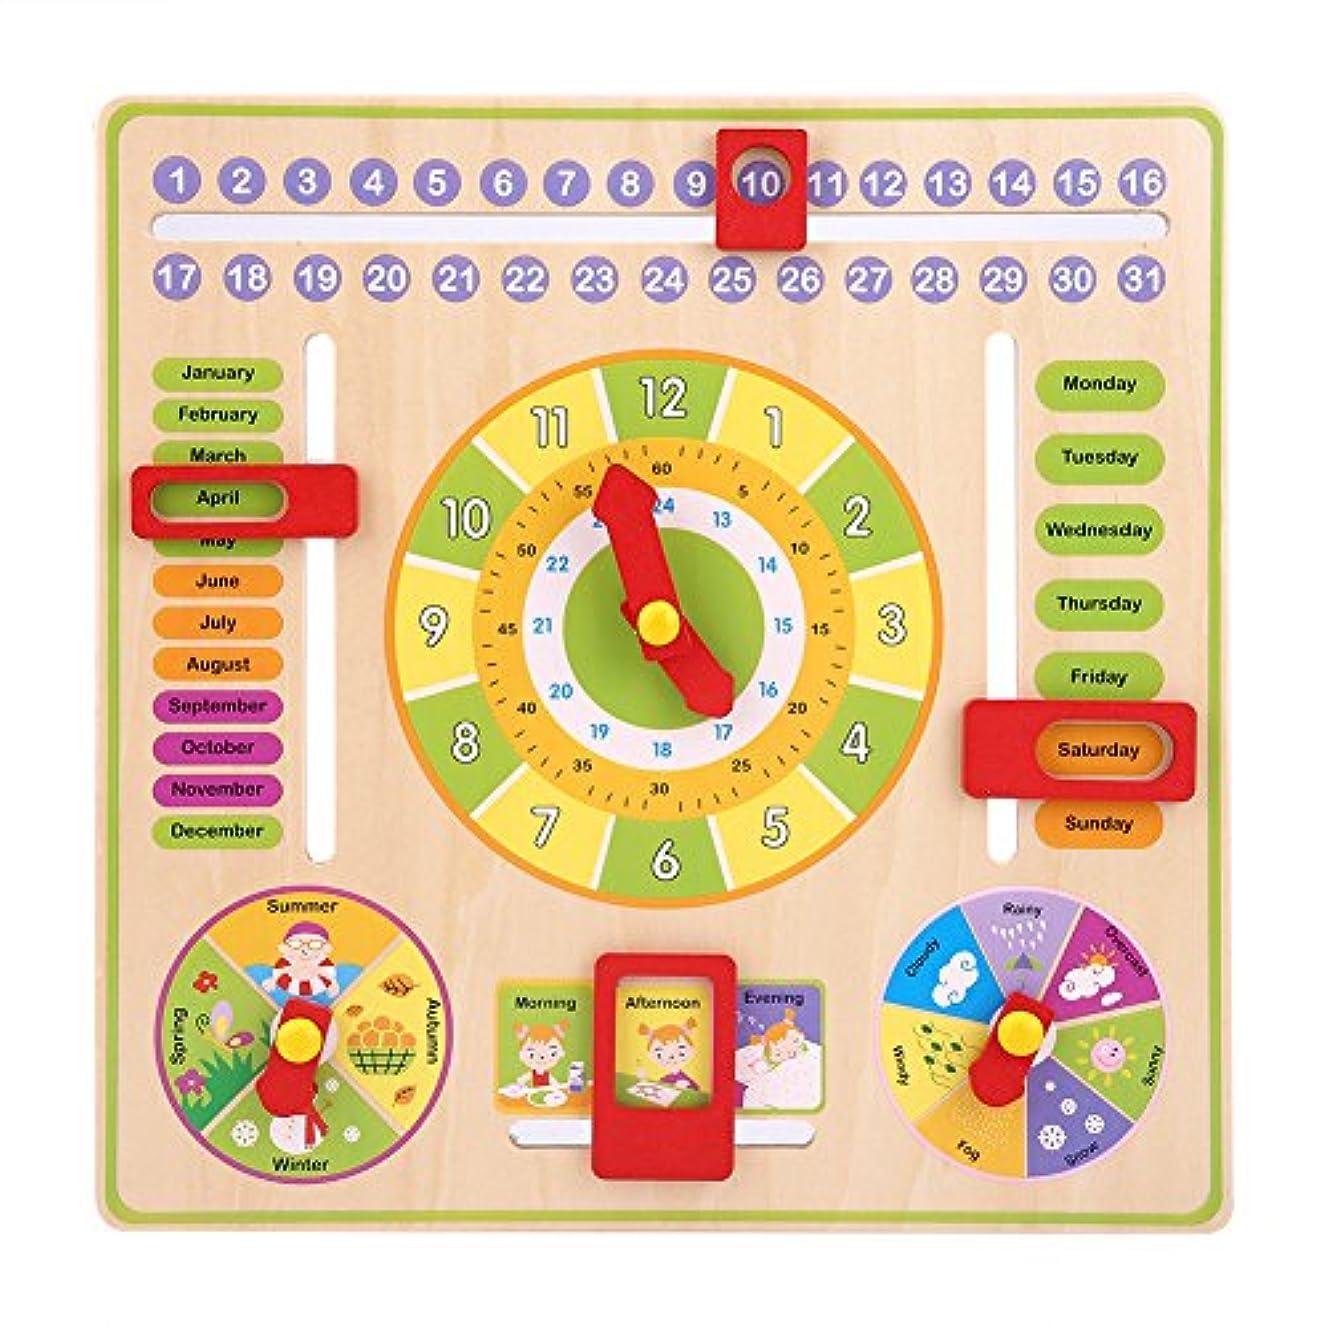 フォーム眩惑する原子木製時計教育玩具、初期教育多機能木製時計おもちゃ時間日付季節幼児の子供のための天気